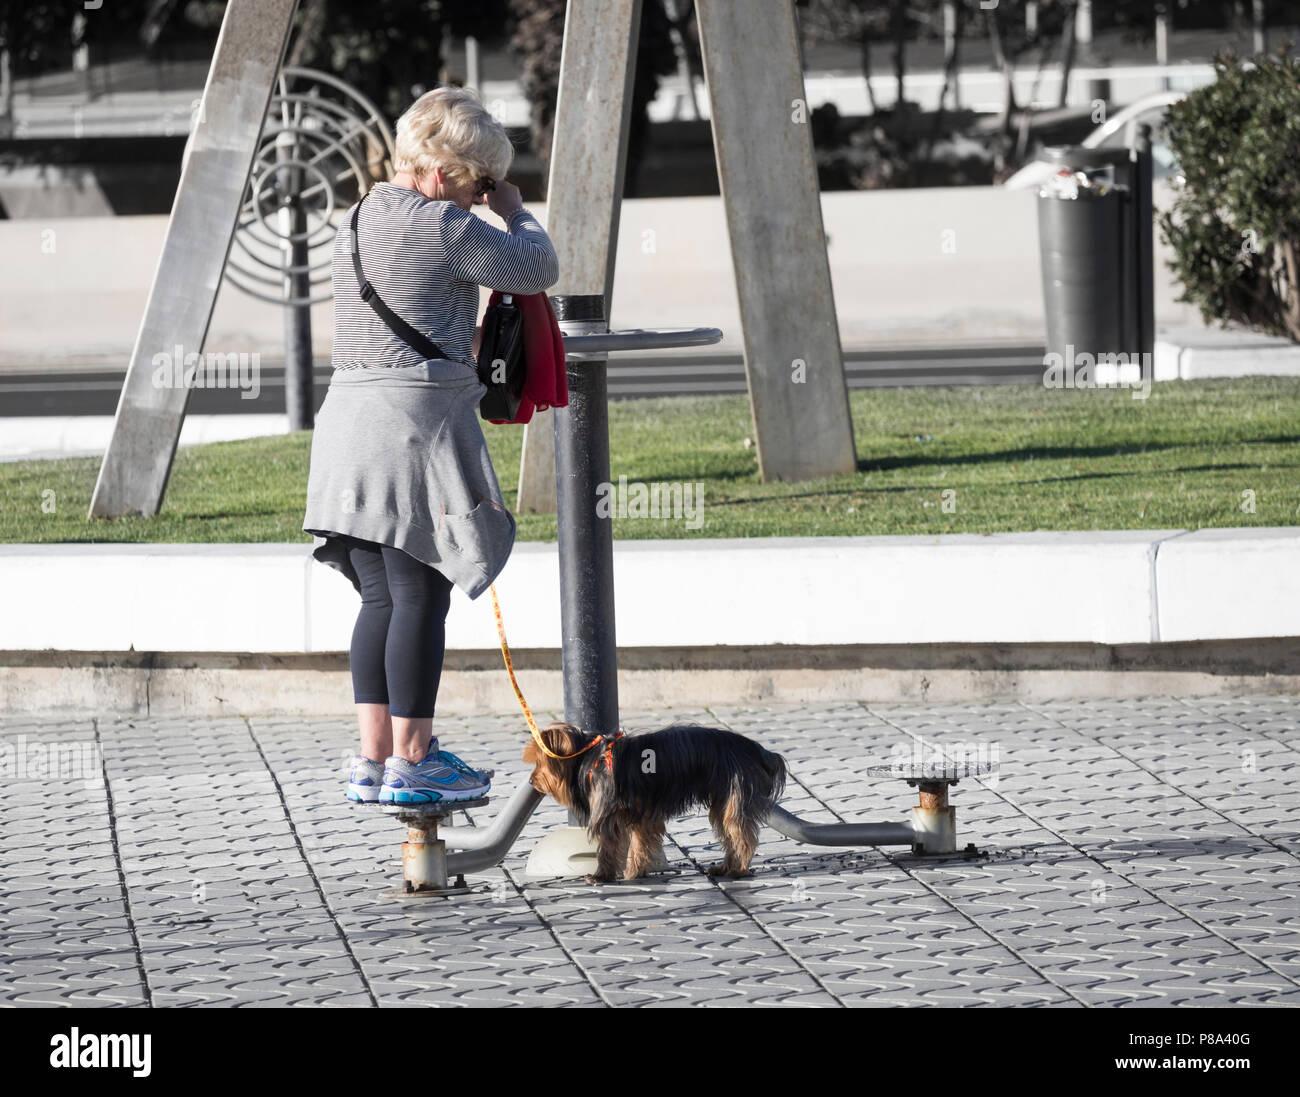 Personnes âgées woman walking dog en utilisant l'exercice à l'extérieur sur rue de ville en Espagne Photo Stock